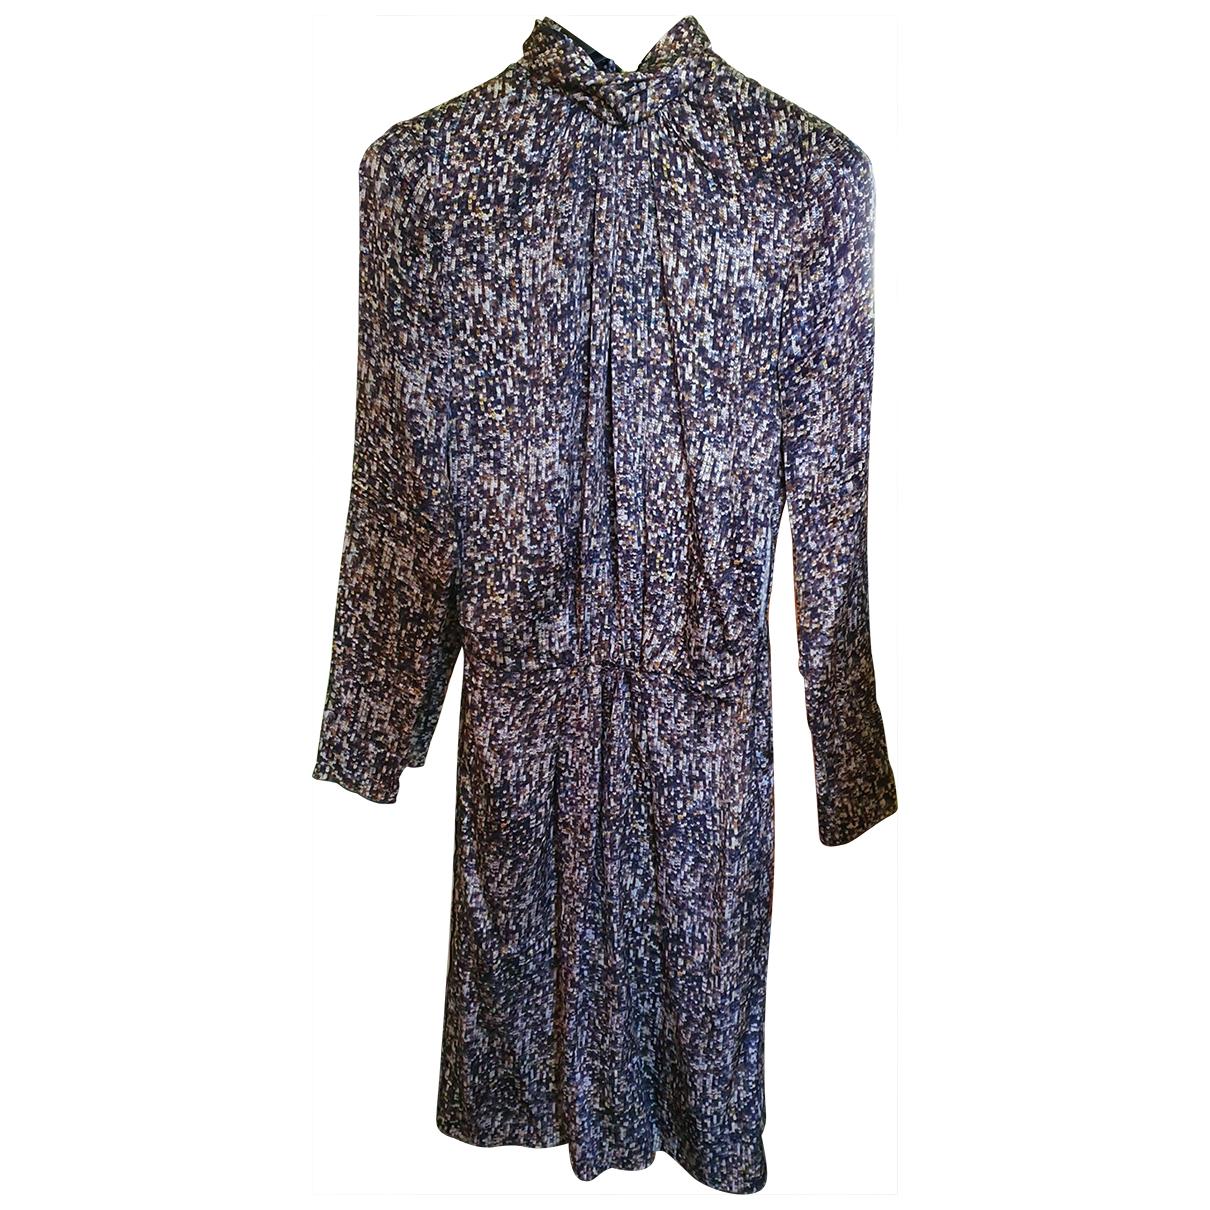 D&g - Robe   pour femme en soie - multicolore